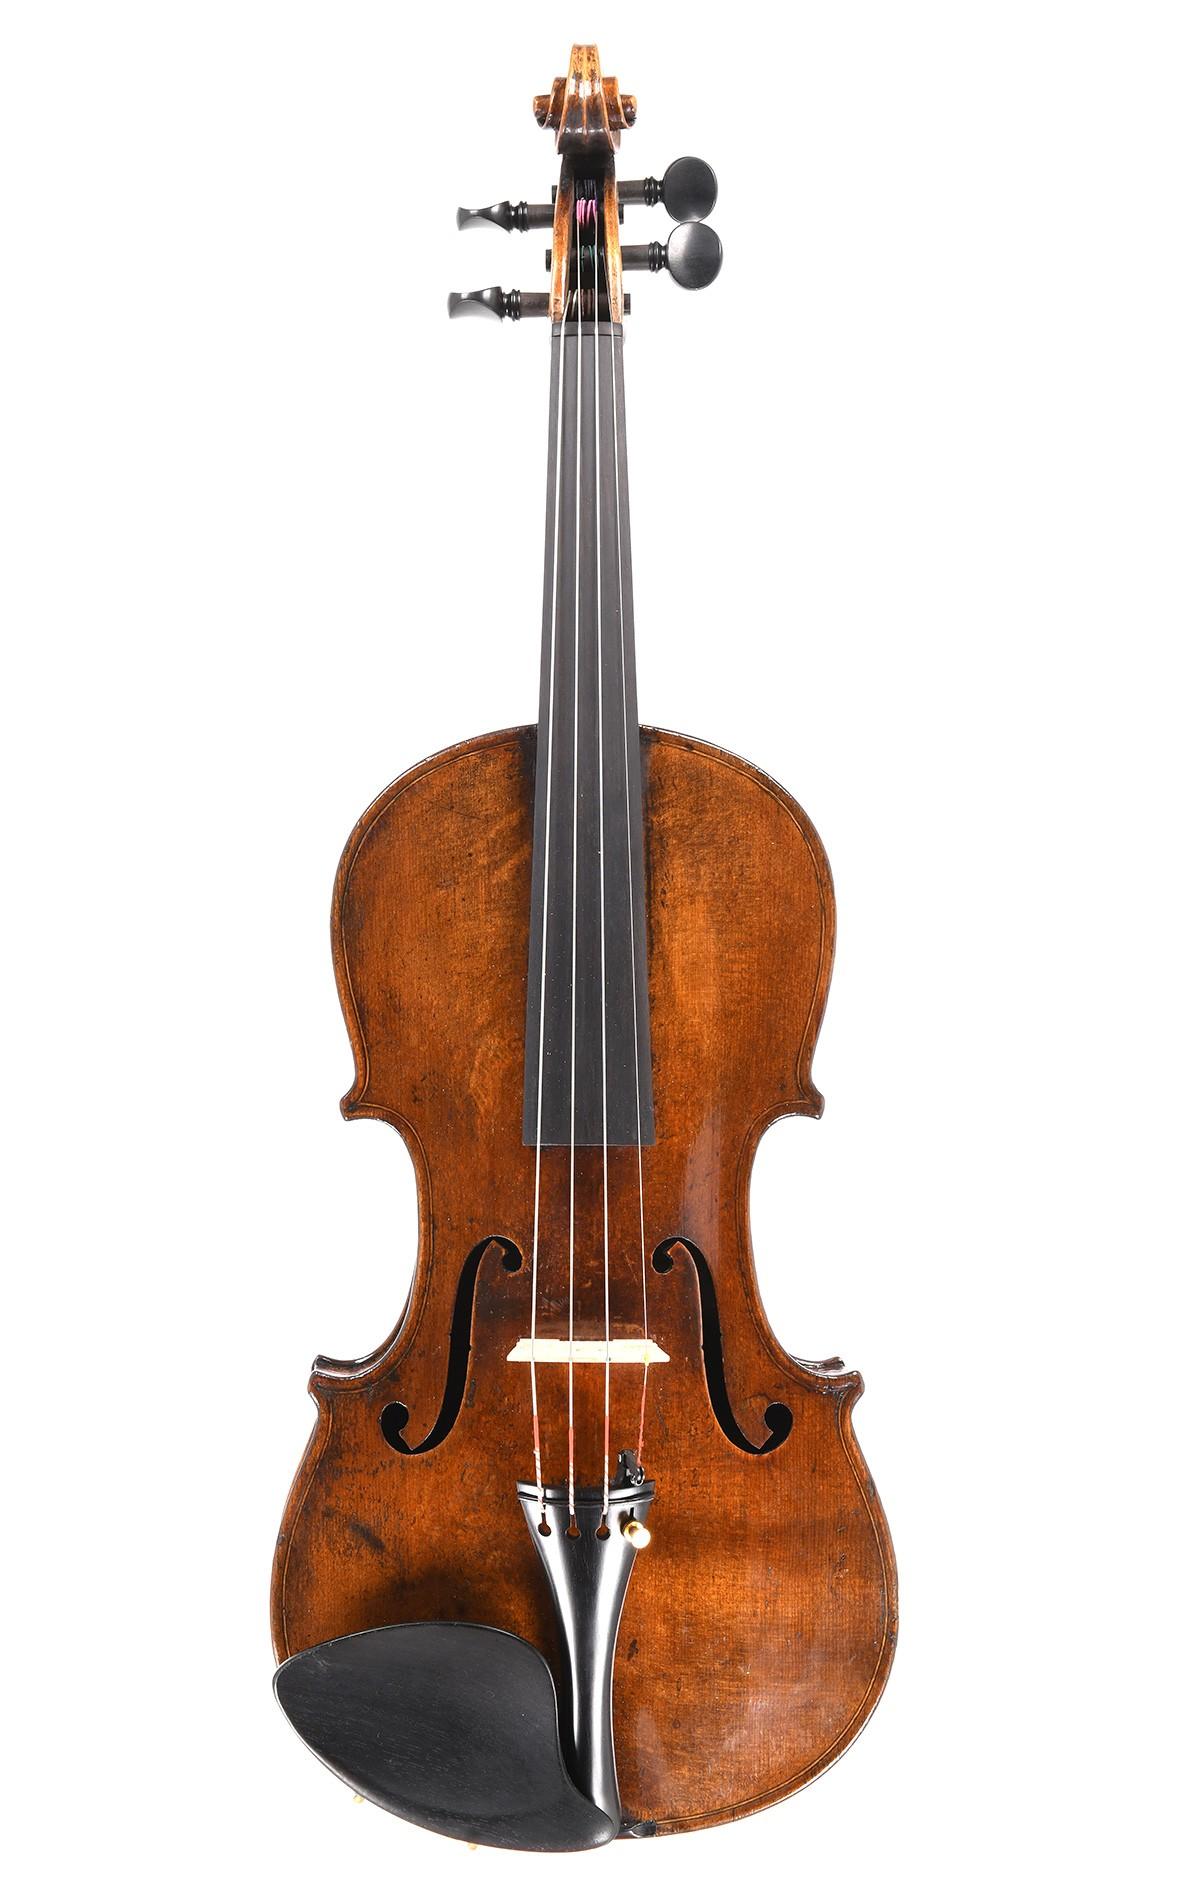 Antike Sächsische Geige um 1870, klassische sächsische Tradition